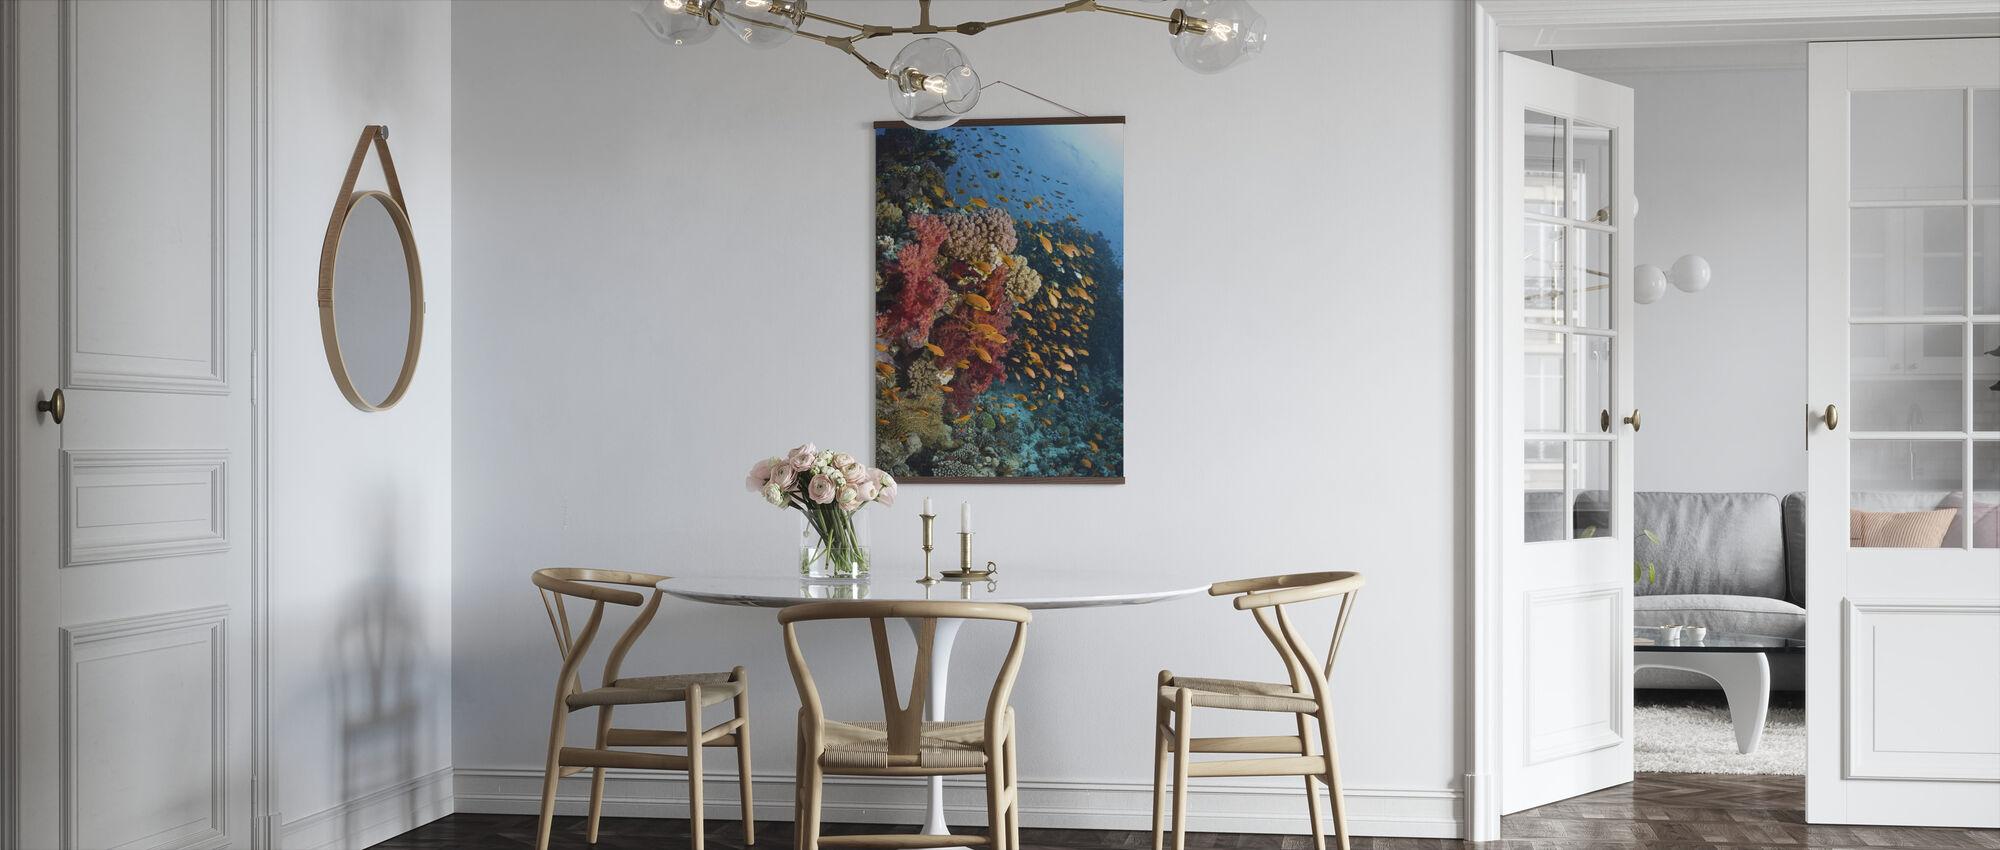 Pehmeät korallit - Juliste - Keittiö